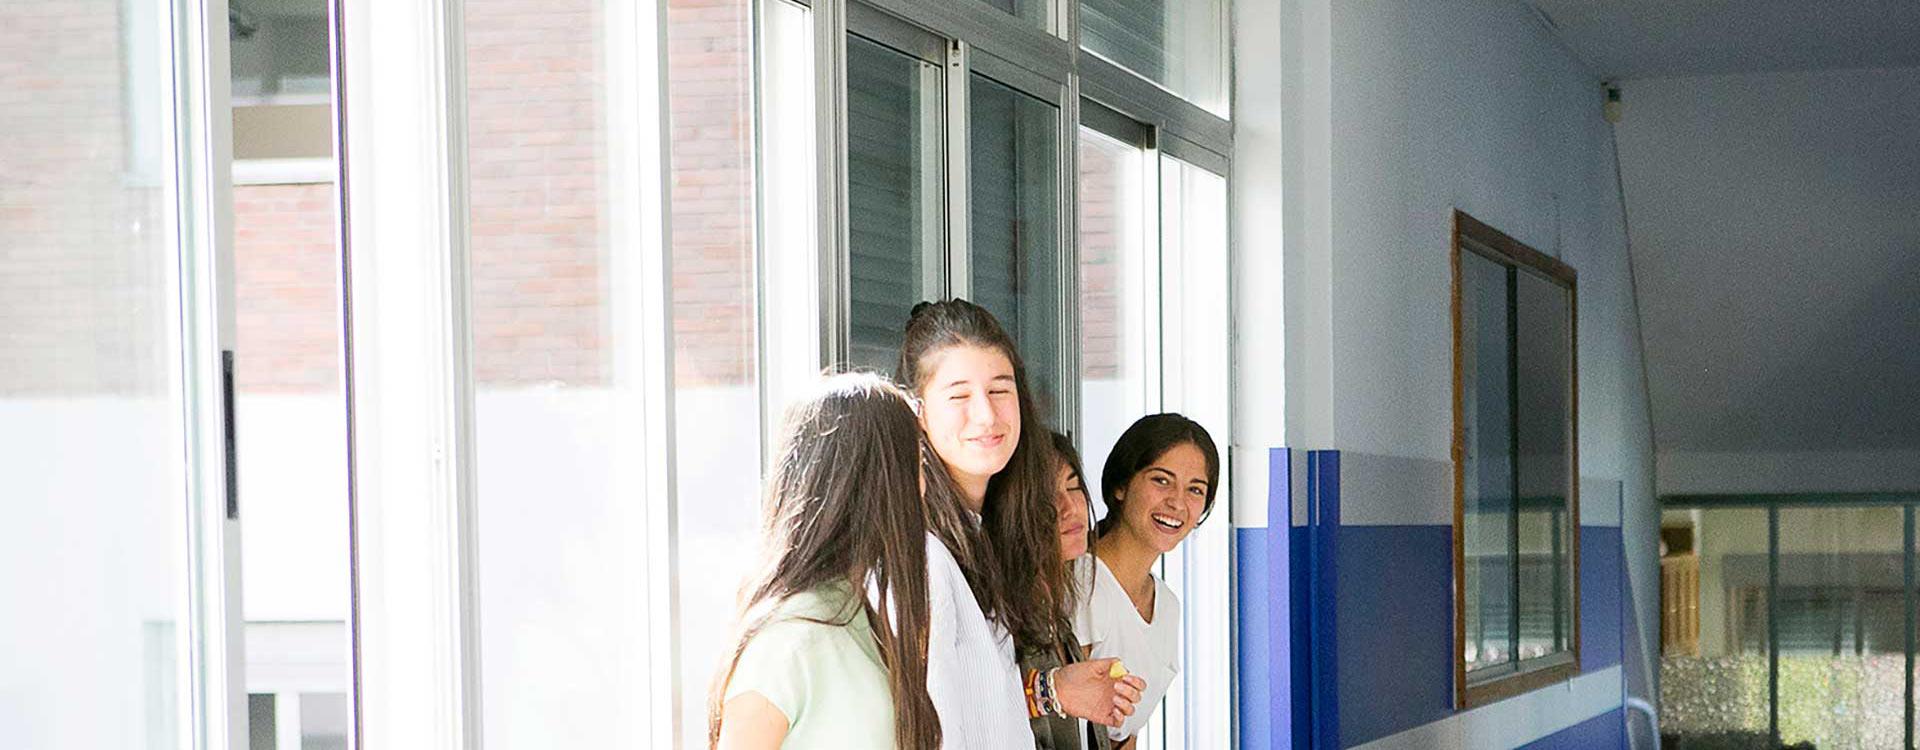 Textos legales - Colegio Mater Immaculata